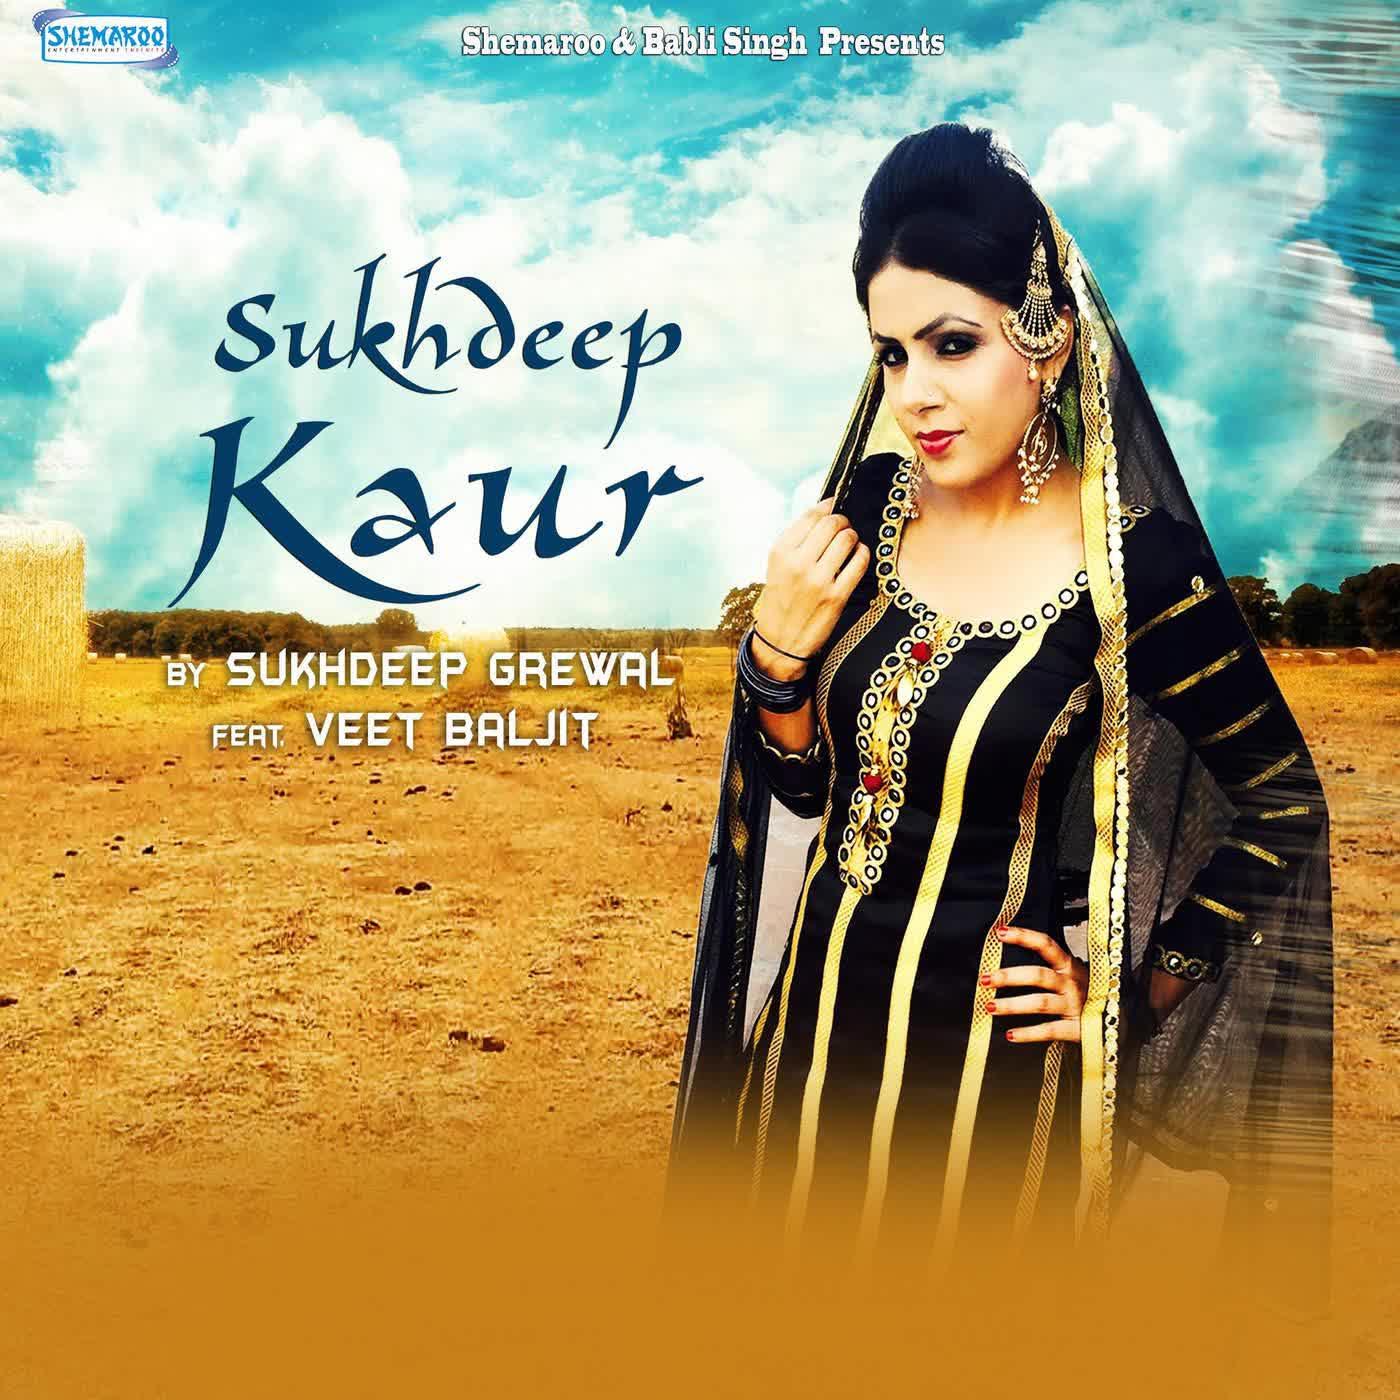 Sukhdeep Kaur Sukhdeep Grewal